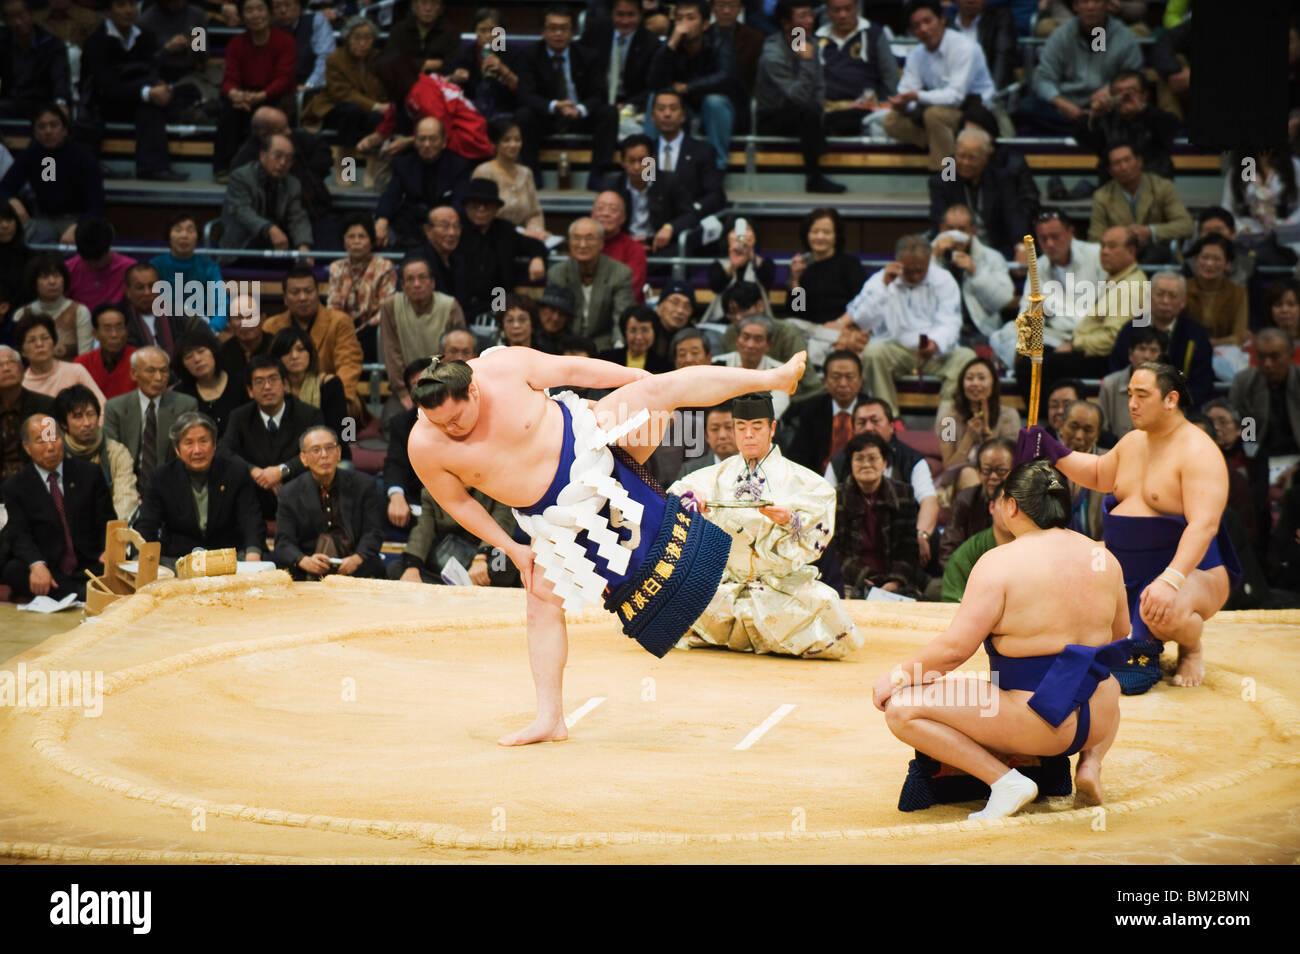 Fukuoka Sumo concorrenza, inserendo l'anello cerimonia, Kyushu Basho, citta' di Fukuoka, Kyushu, Giappone Immagini Stock